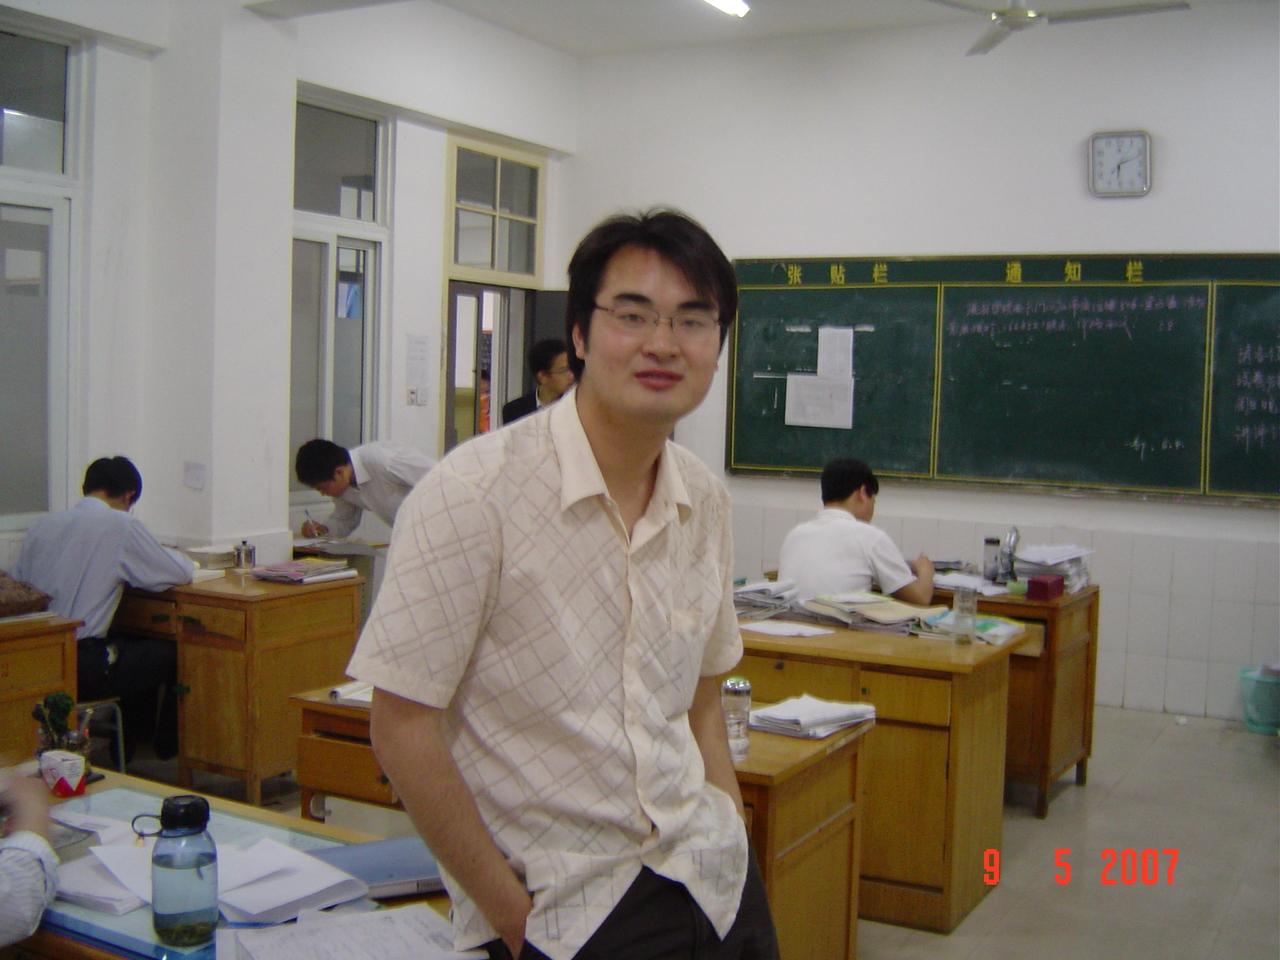 江苏省淮安市盱眙马坝高级中学